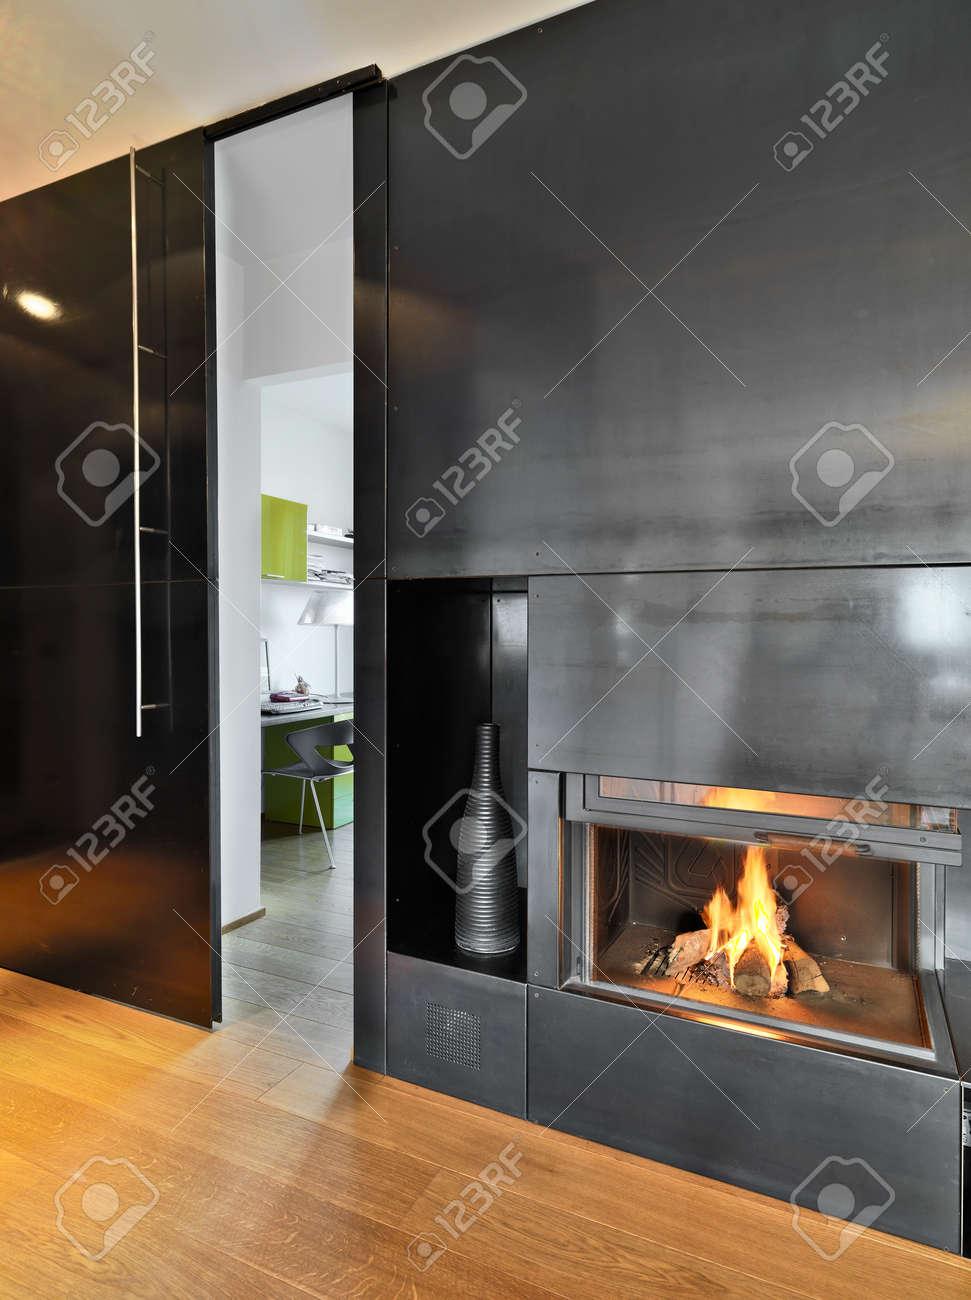 Detail Der Kamin Im Hte Modernes Wohnzimmer Mit Kamin Wand Mit Metall  überzogen Standard Bild